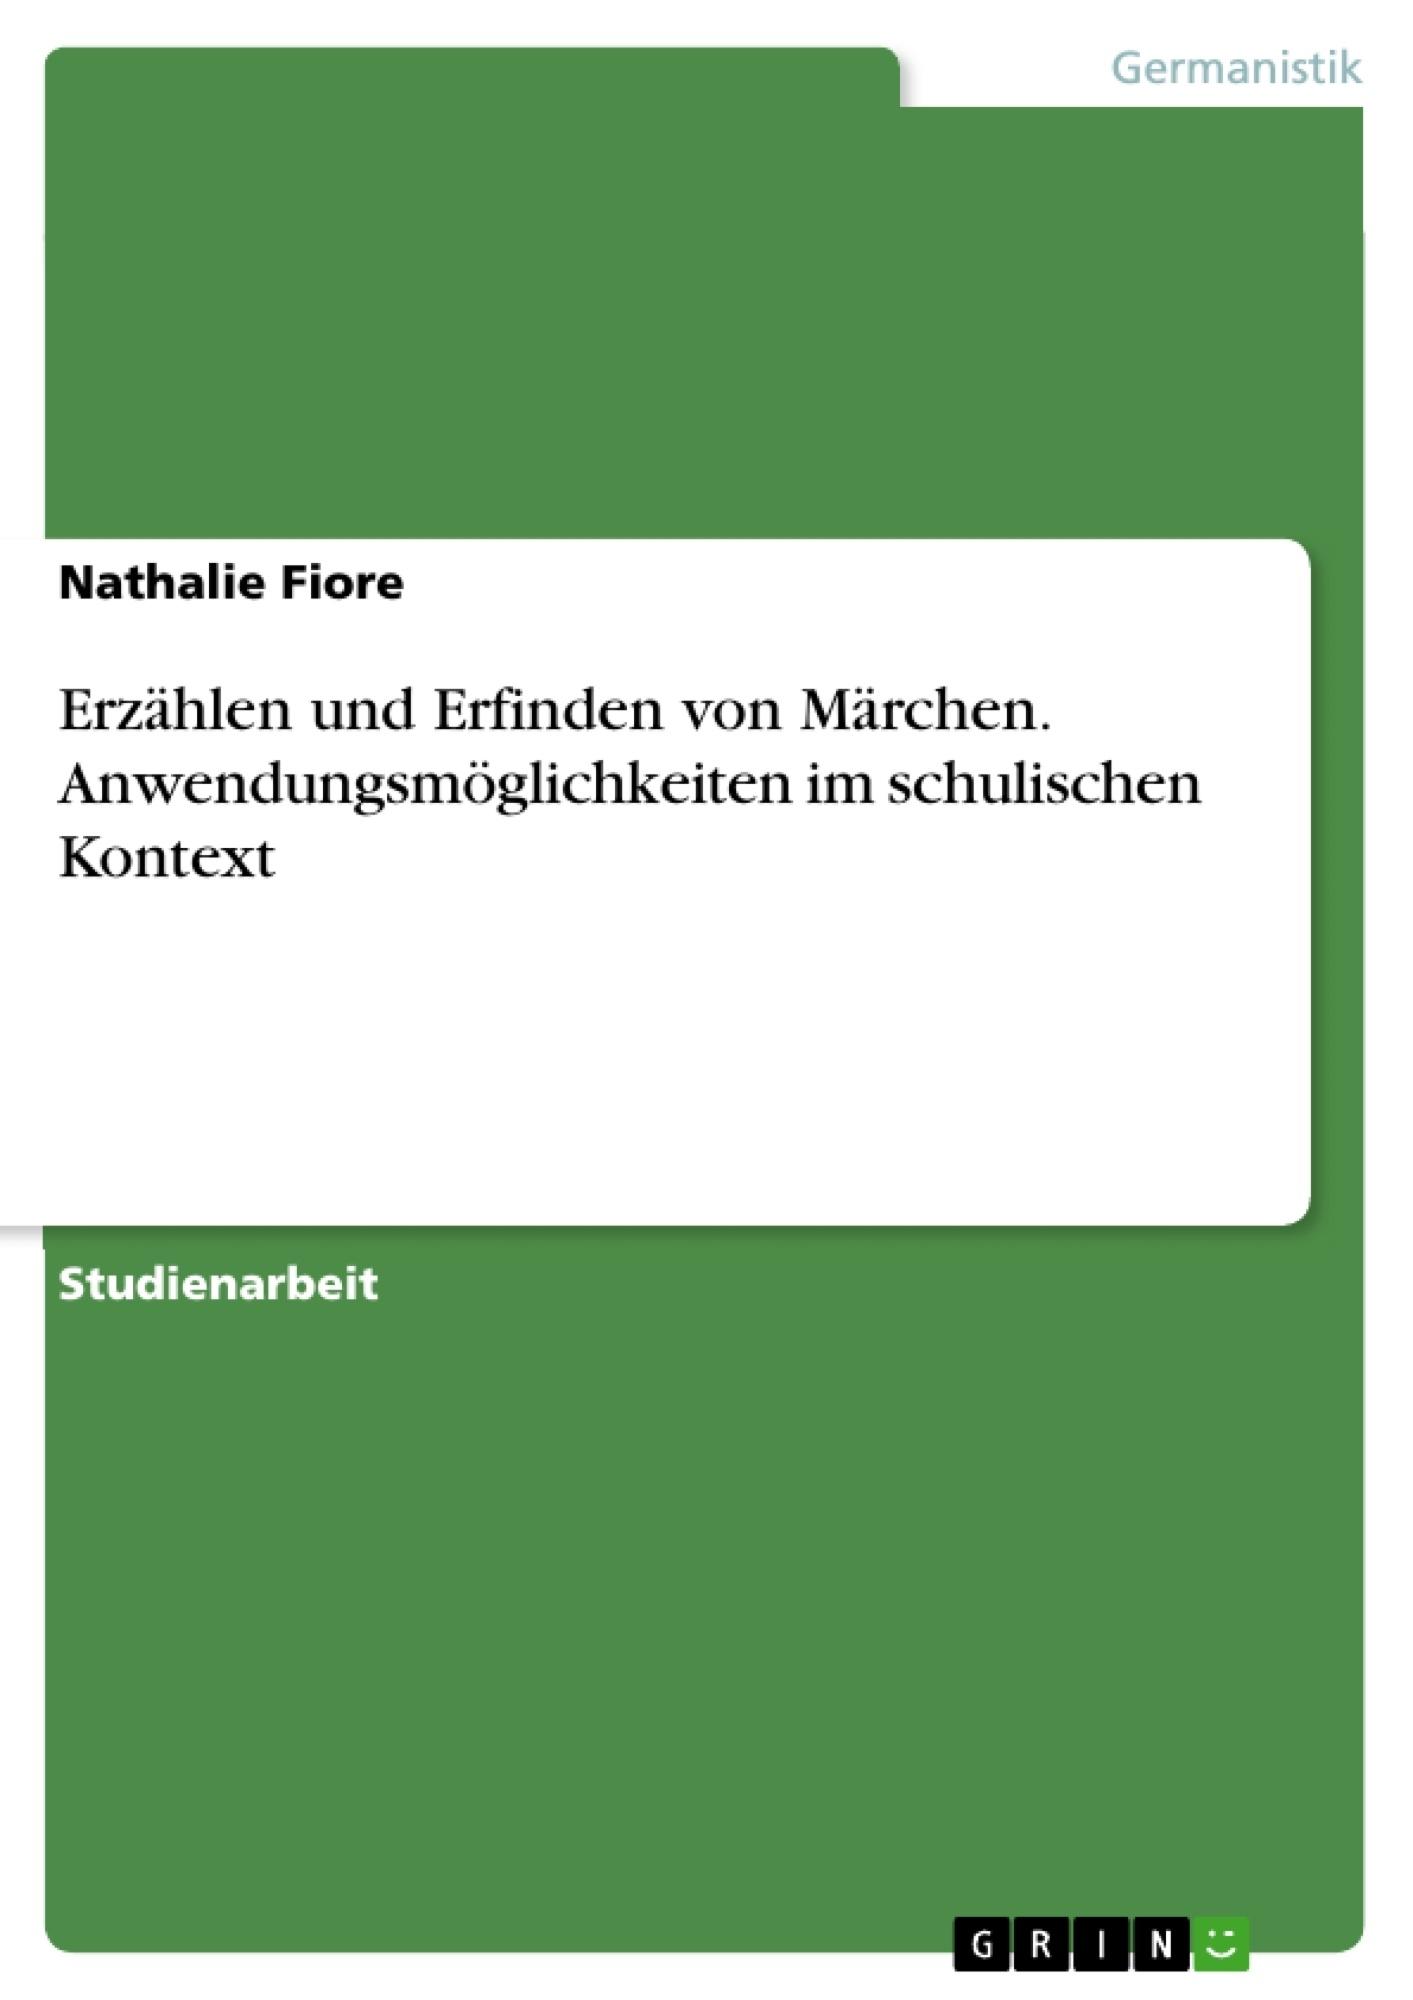 Titel: Erzählen und Erfinden von Märchen. Anwendungsmöglichkeiten im schulischen Kontext